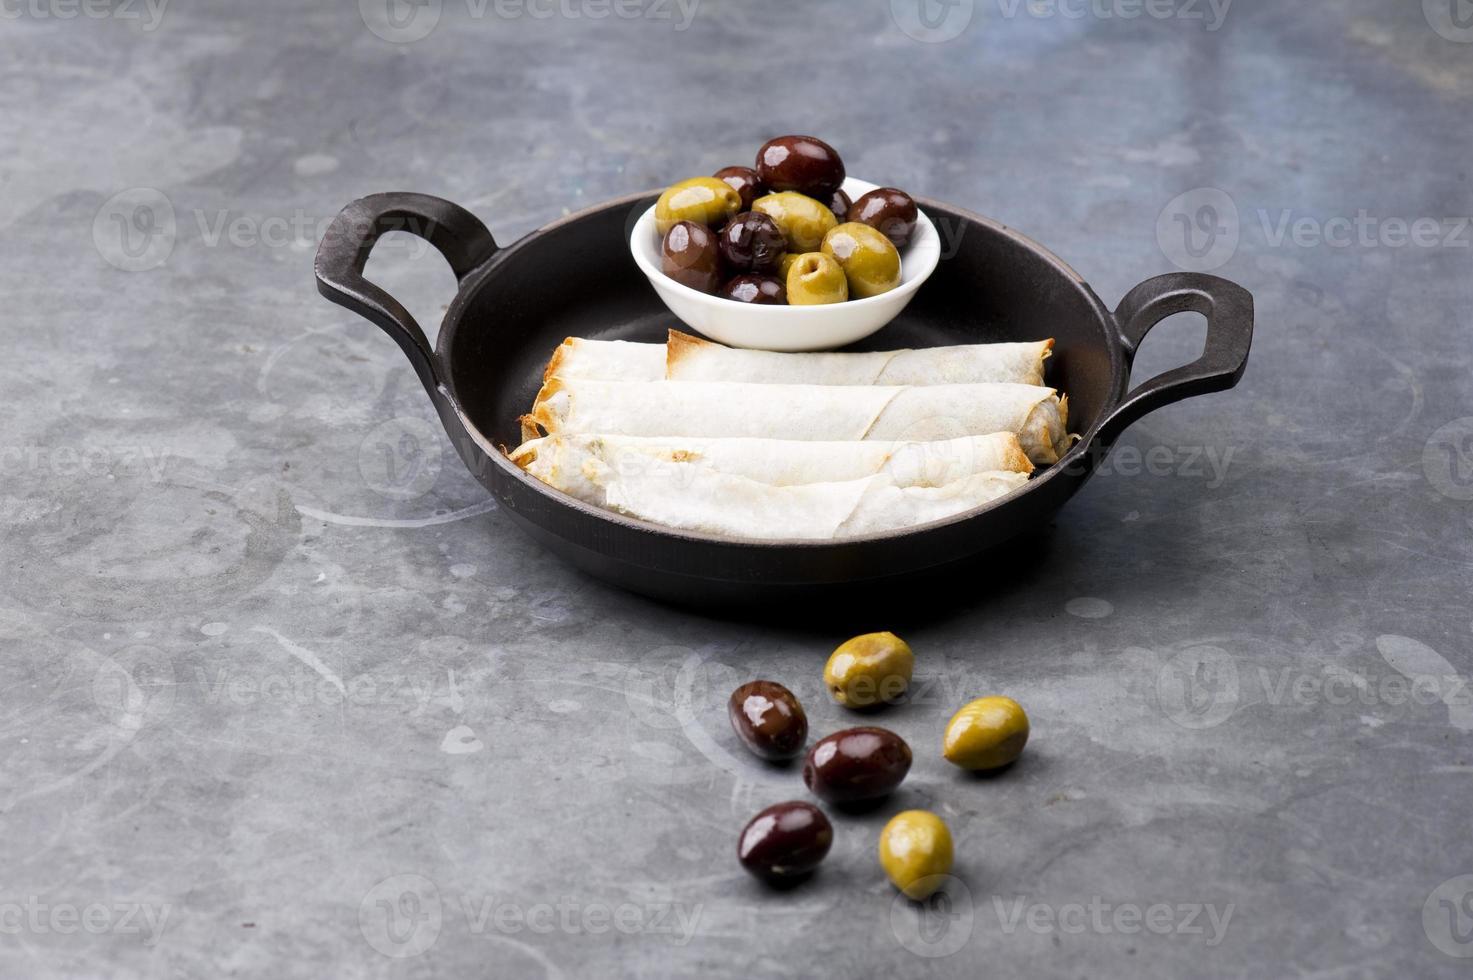 ost rullar plattan med oliver serveras i en svart panna foto